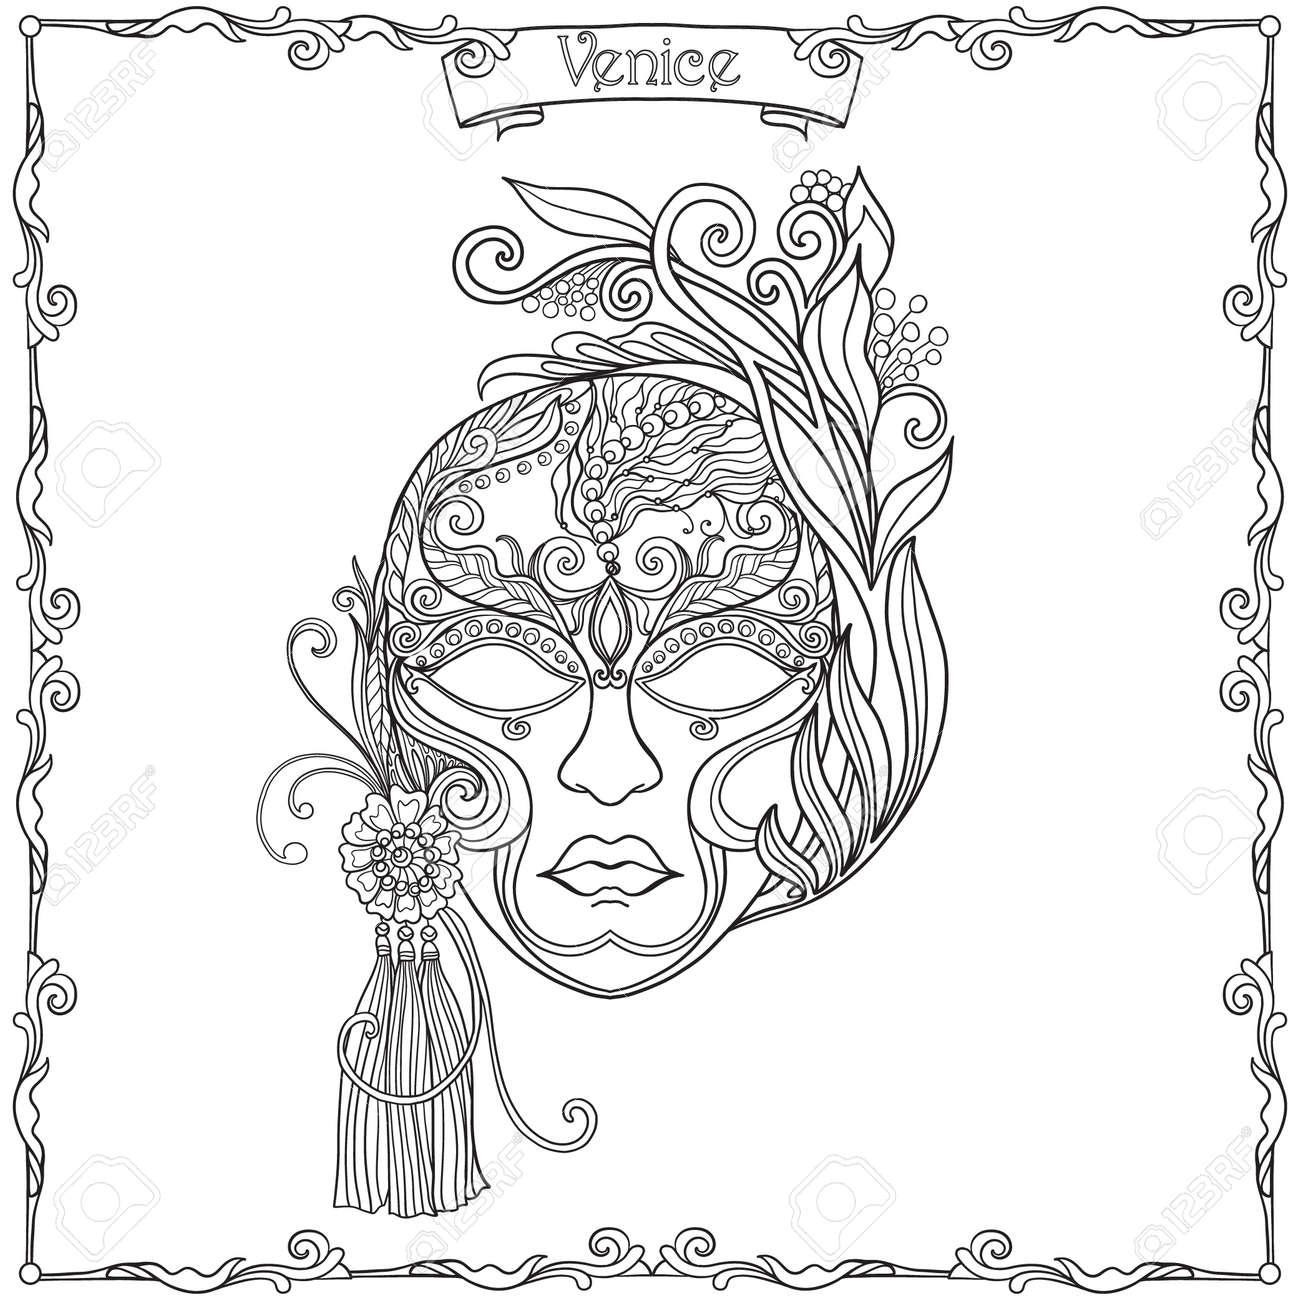 Masque Venitien Costume De Carnaval Tirage Contour De La Main Livre A Colorier Pour Les Adultes Et Les Enfants Plus Ages Coloriage Vector Illustration Clip Art Libres De Droits Vecteurs Et